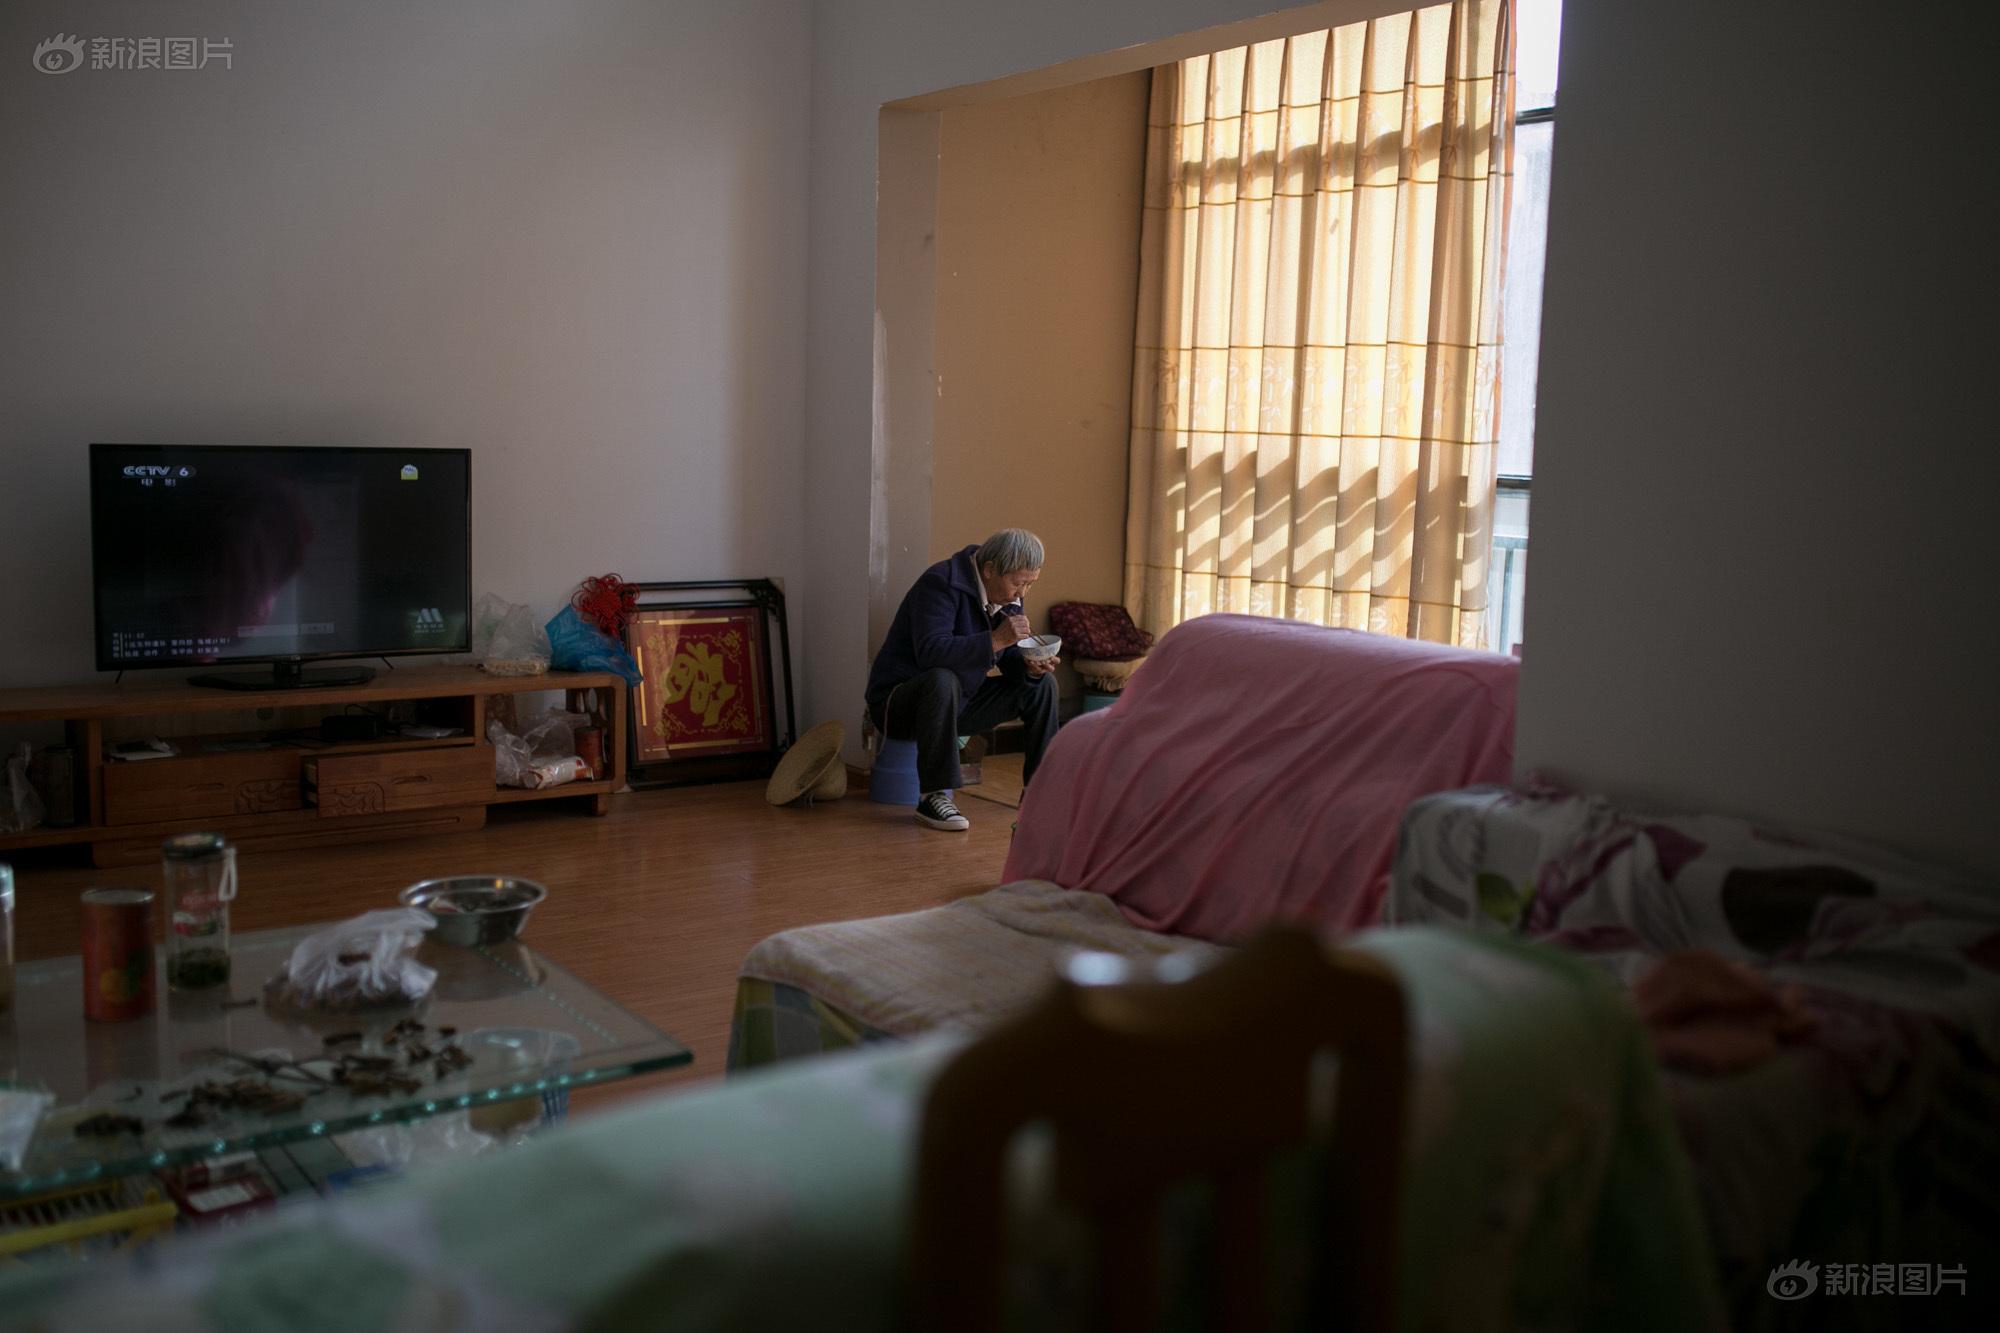 中午,冯先生的爱人独自在阳台旁边吃饭,空空洞洞的房子里放着零星几件家具,电视机里发出的声音在大厅里回荡。冯先生的儿子在昆明市区打工,尽管呈贡至昆明仅23公里,但他儿子很少回呈贡。失去土地后,一家人就靠儿子每个月寄回的一些生活费过活。